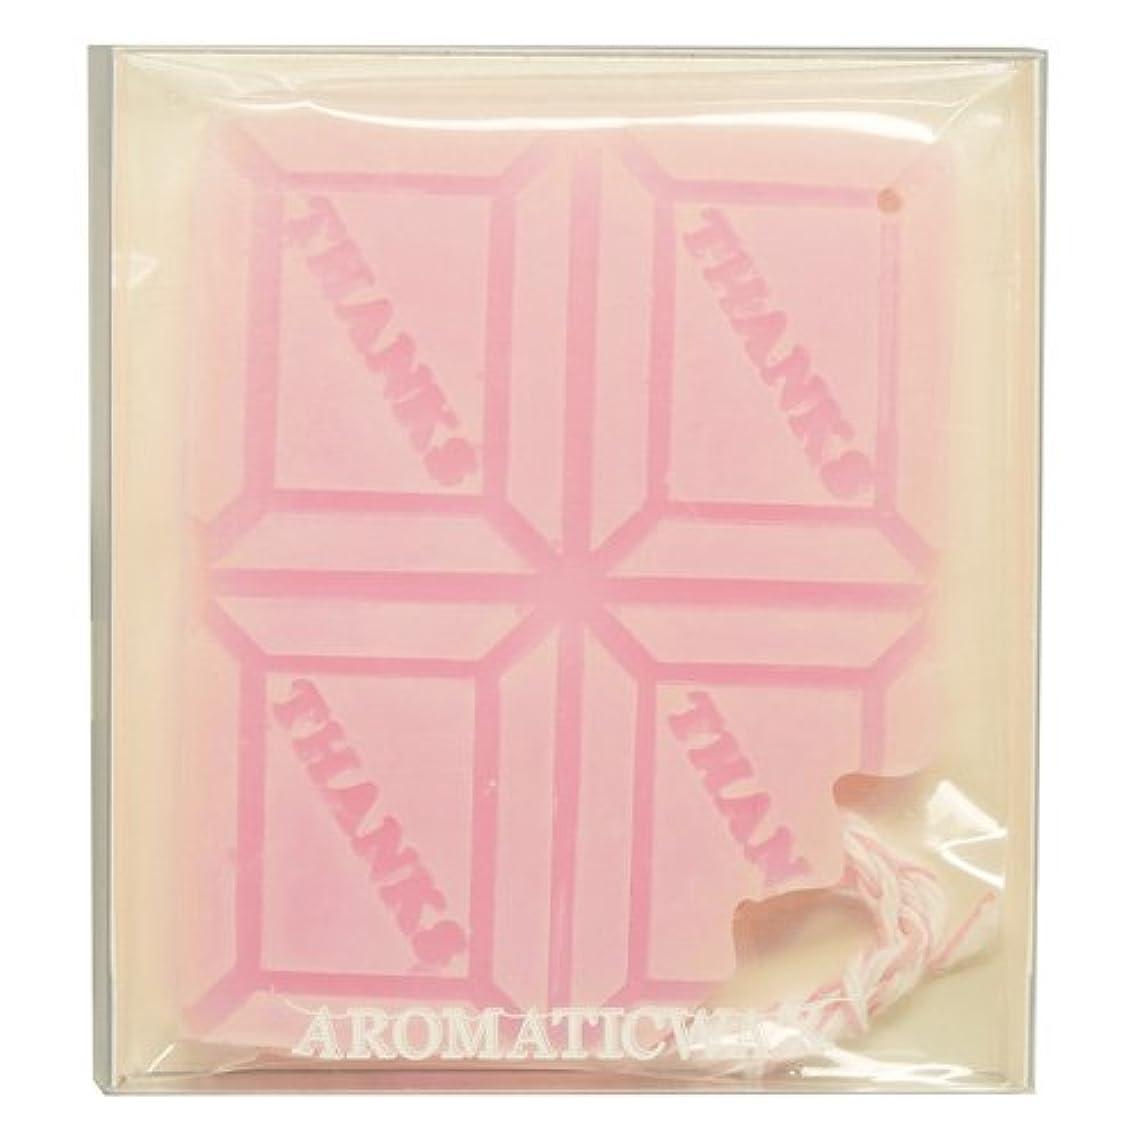 学部長羨望体系的にGRASSE TOKYO AROMATICWAXチャーム「板チョコ(THANKS)」(PI) ゼラニウム アロマティックワックス グラーストウキョウ